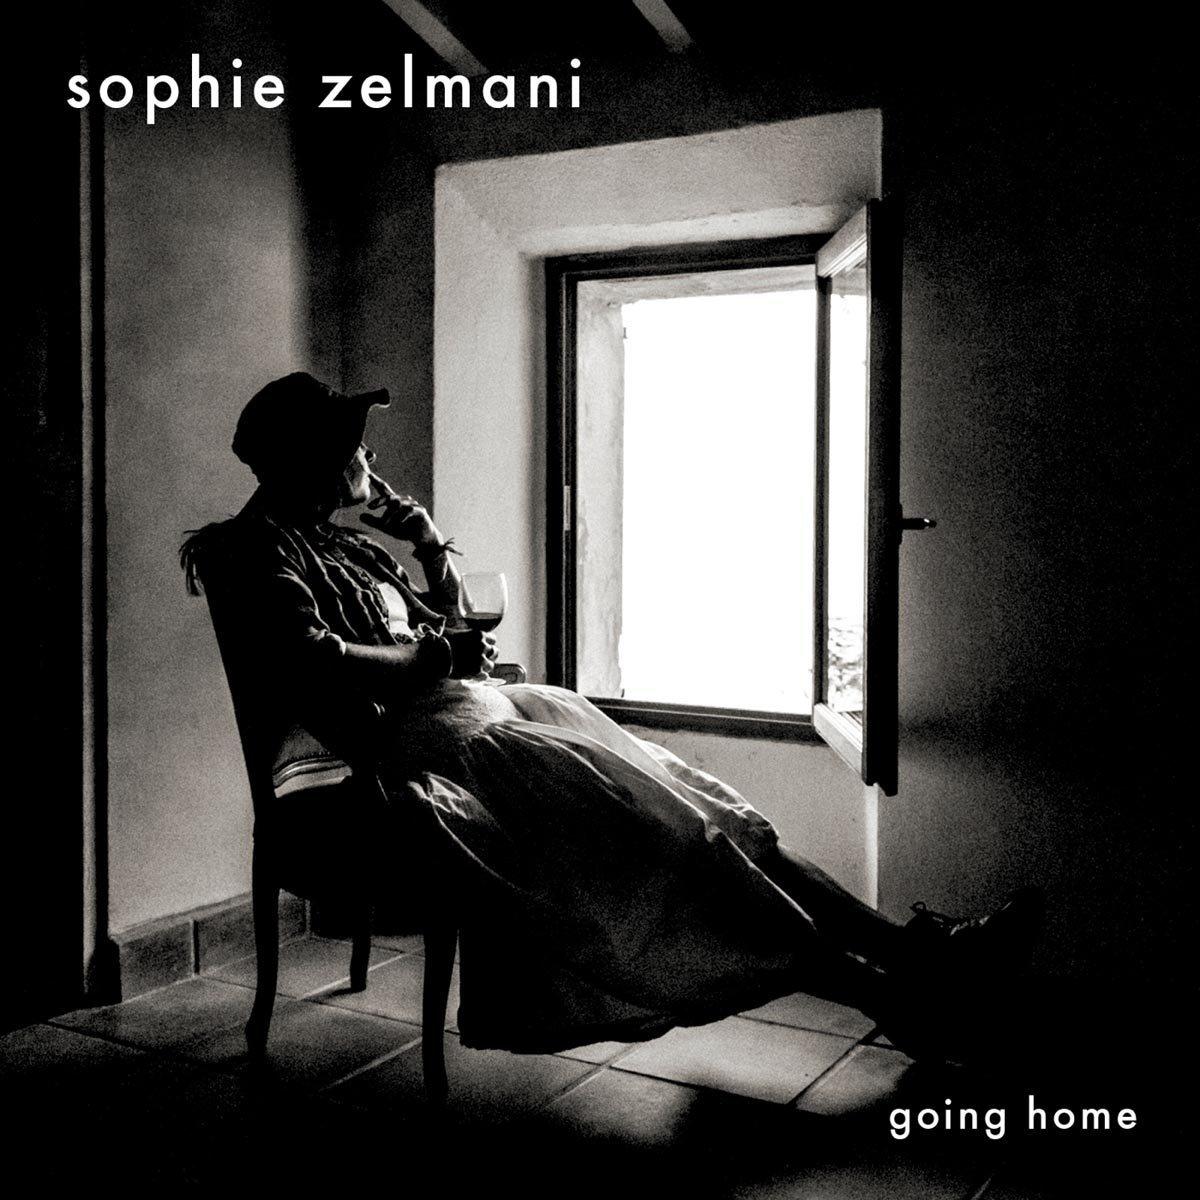 Sophie Zelmani, 'Going Home': 2 Sterne. Stücke wie 'Got To Stop' meditieren eher ziellos vor sich hin.